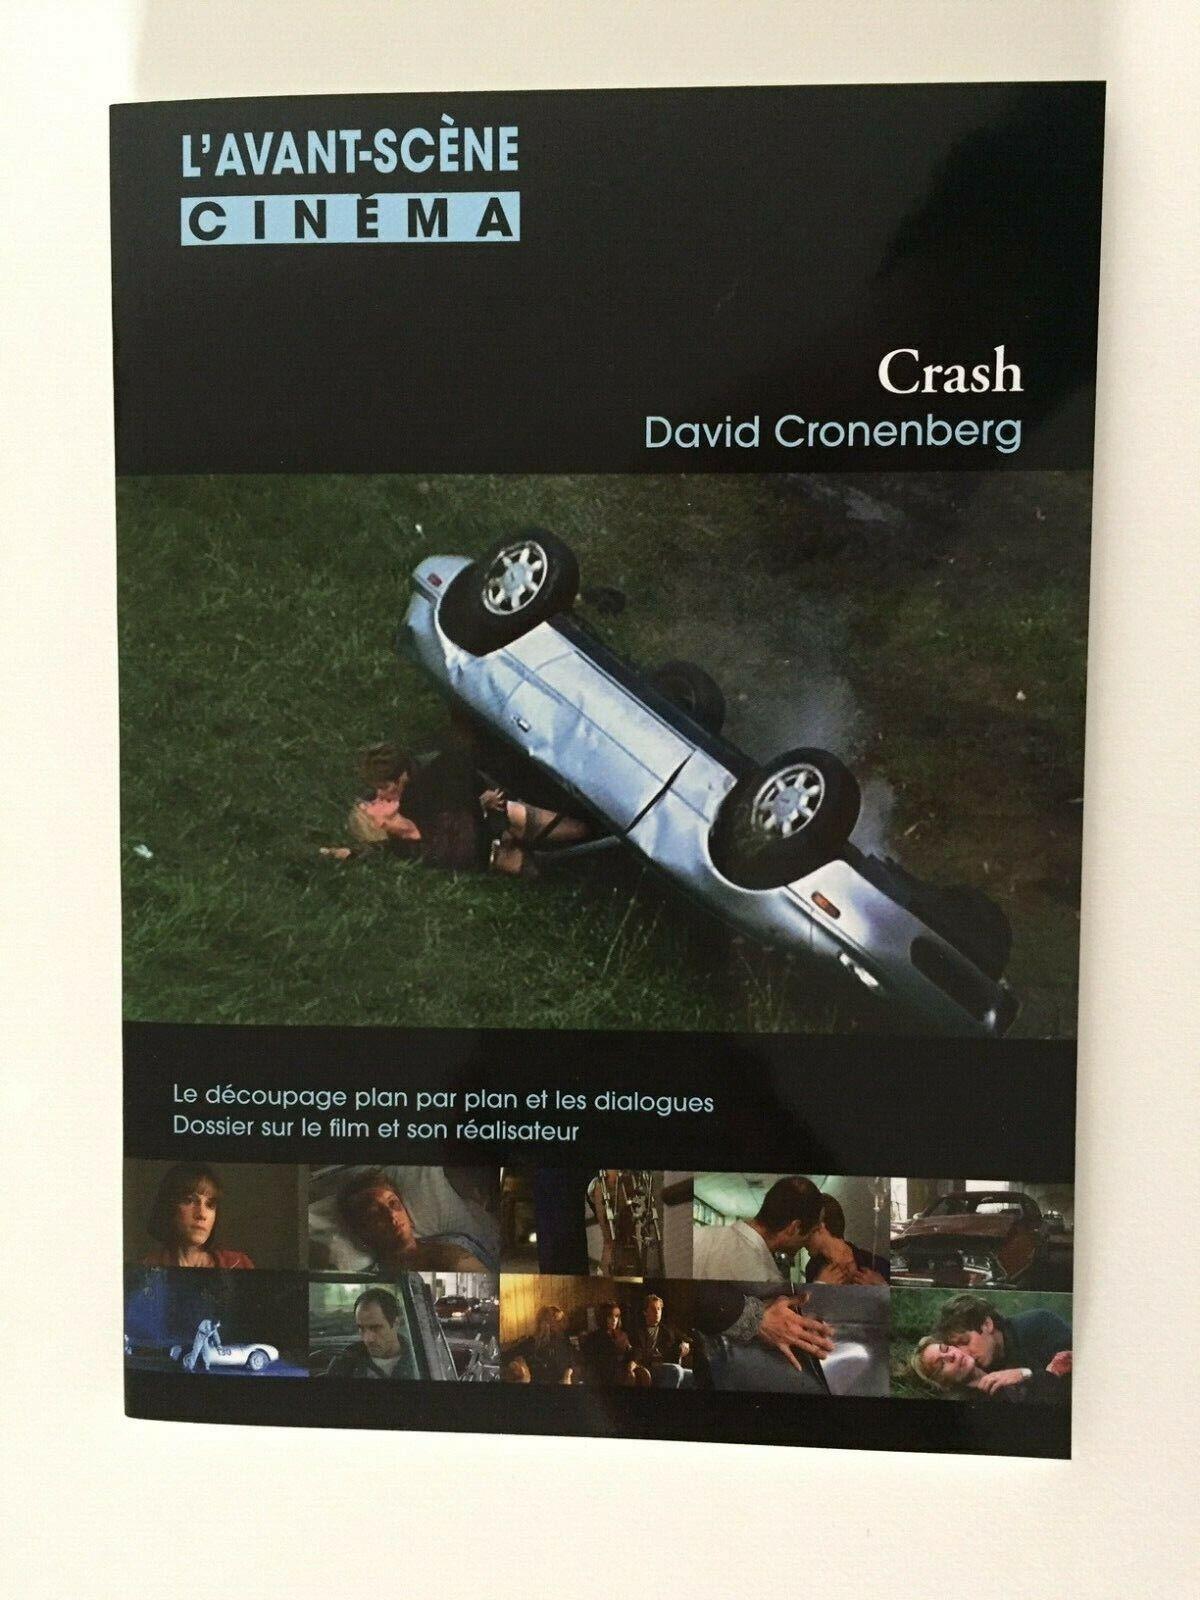 CRASH - Coffret Édition prestige DVD + livret L'avant-scène cinéma ETAT NEUF